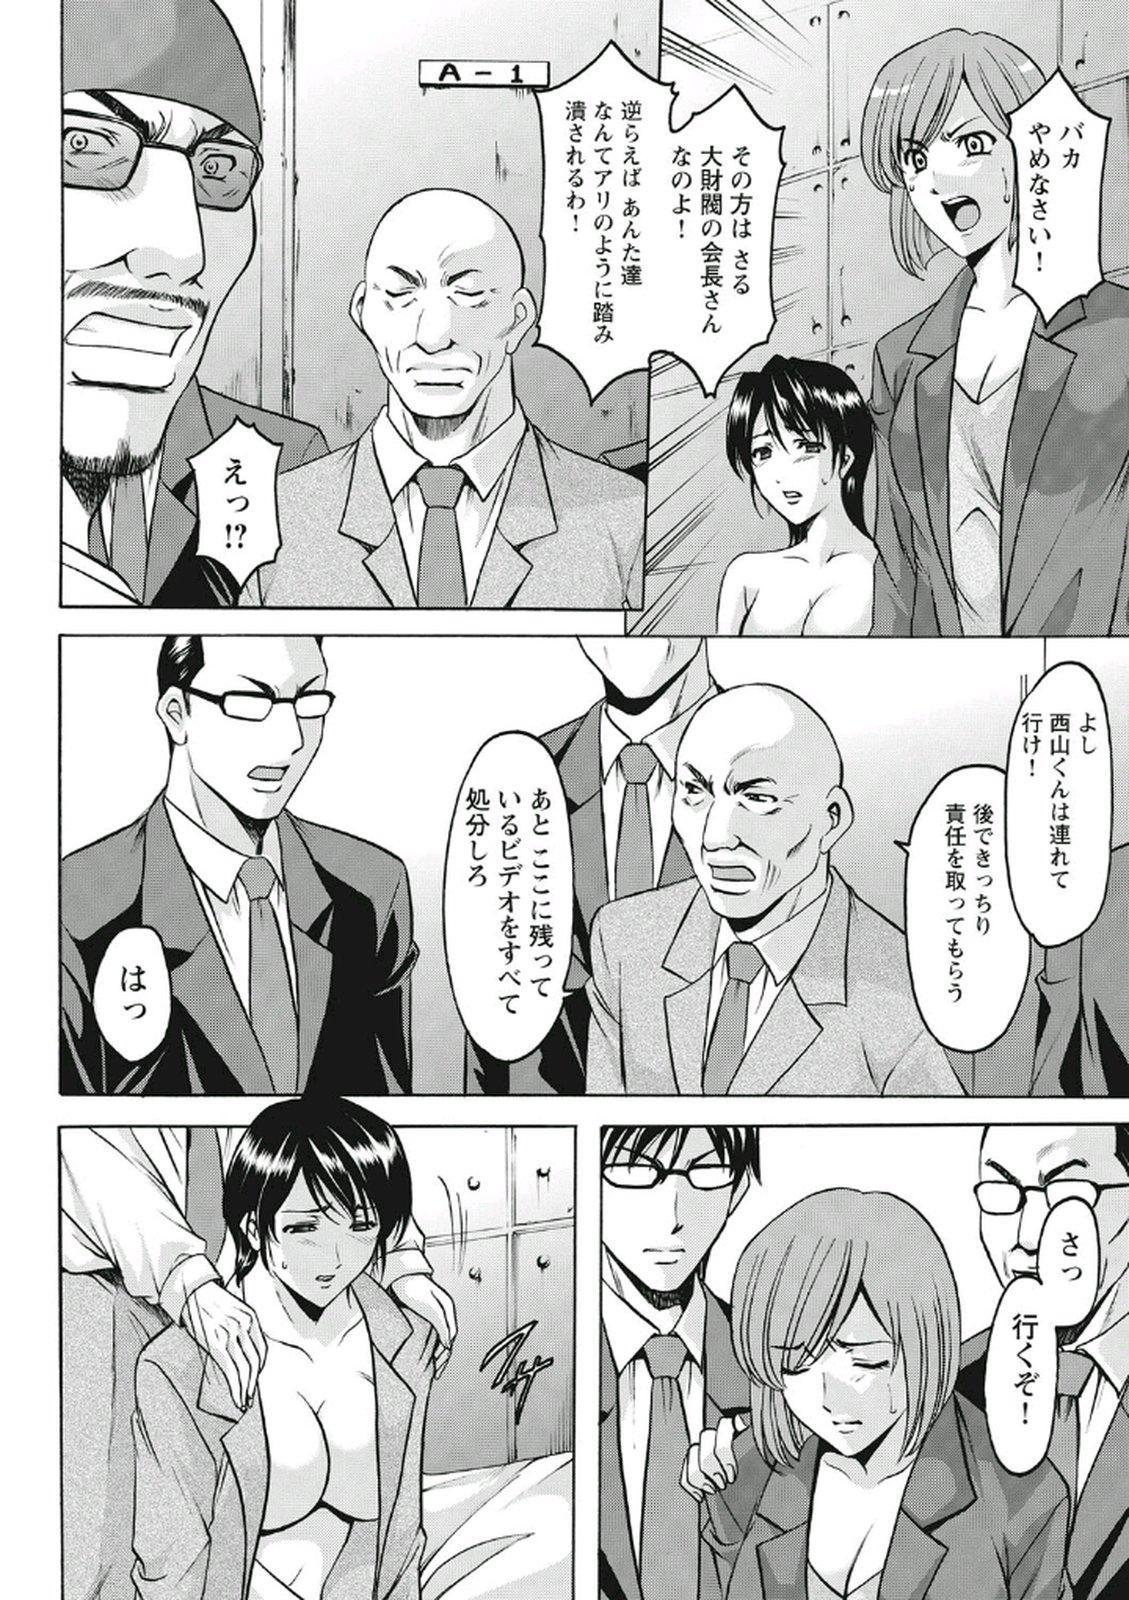 Chijoku Byoutou 181